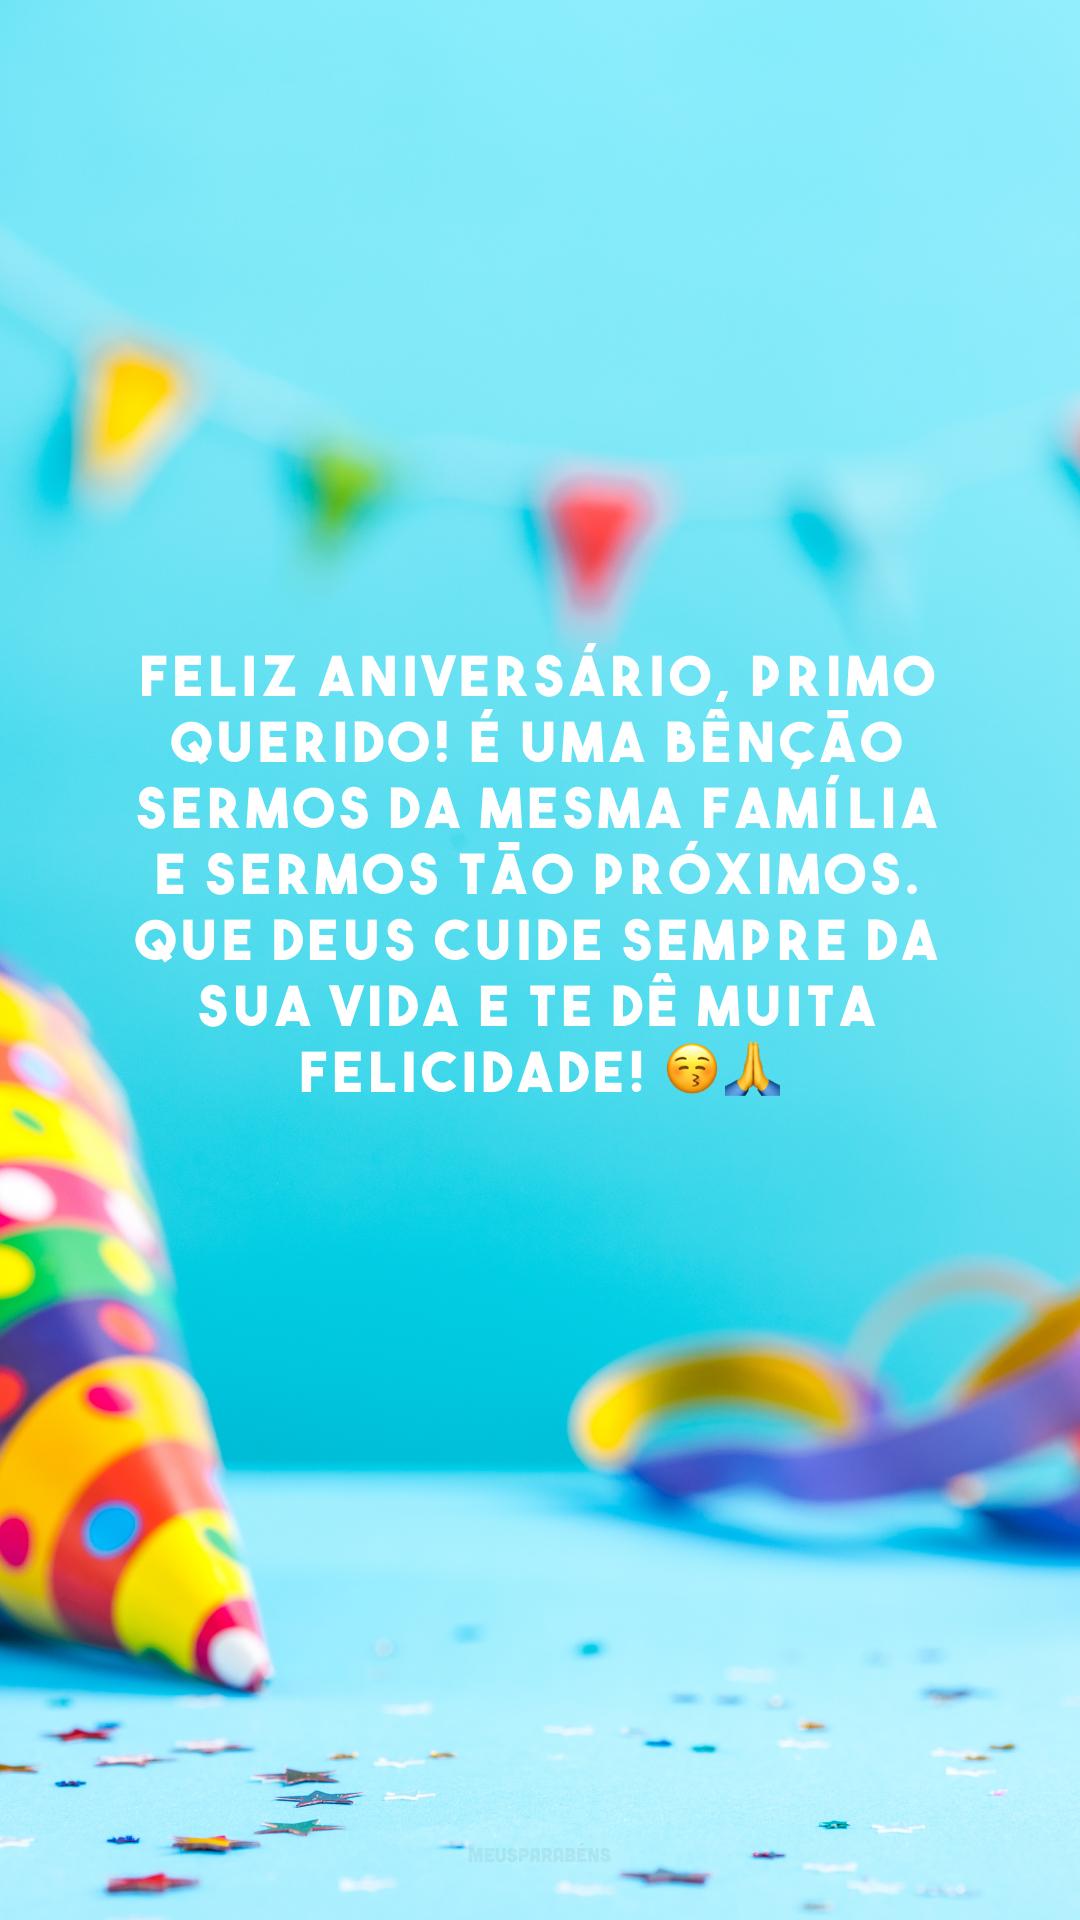 Feliz aniversário, primo querido! É uma bênção sermos da mesma família e sermos tão próximos. Que Deus cuide sempre da sua vida e te dê muita felicidade! 😚🙏